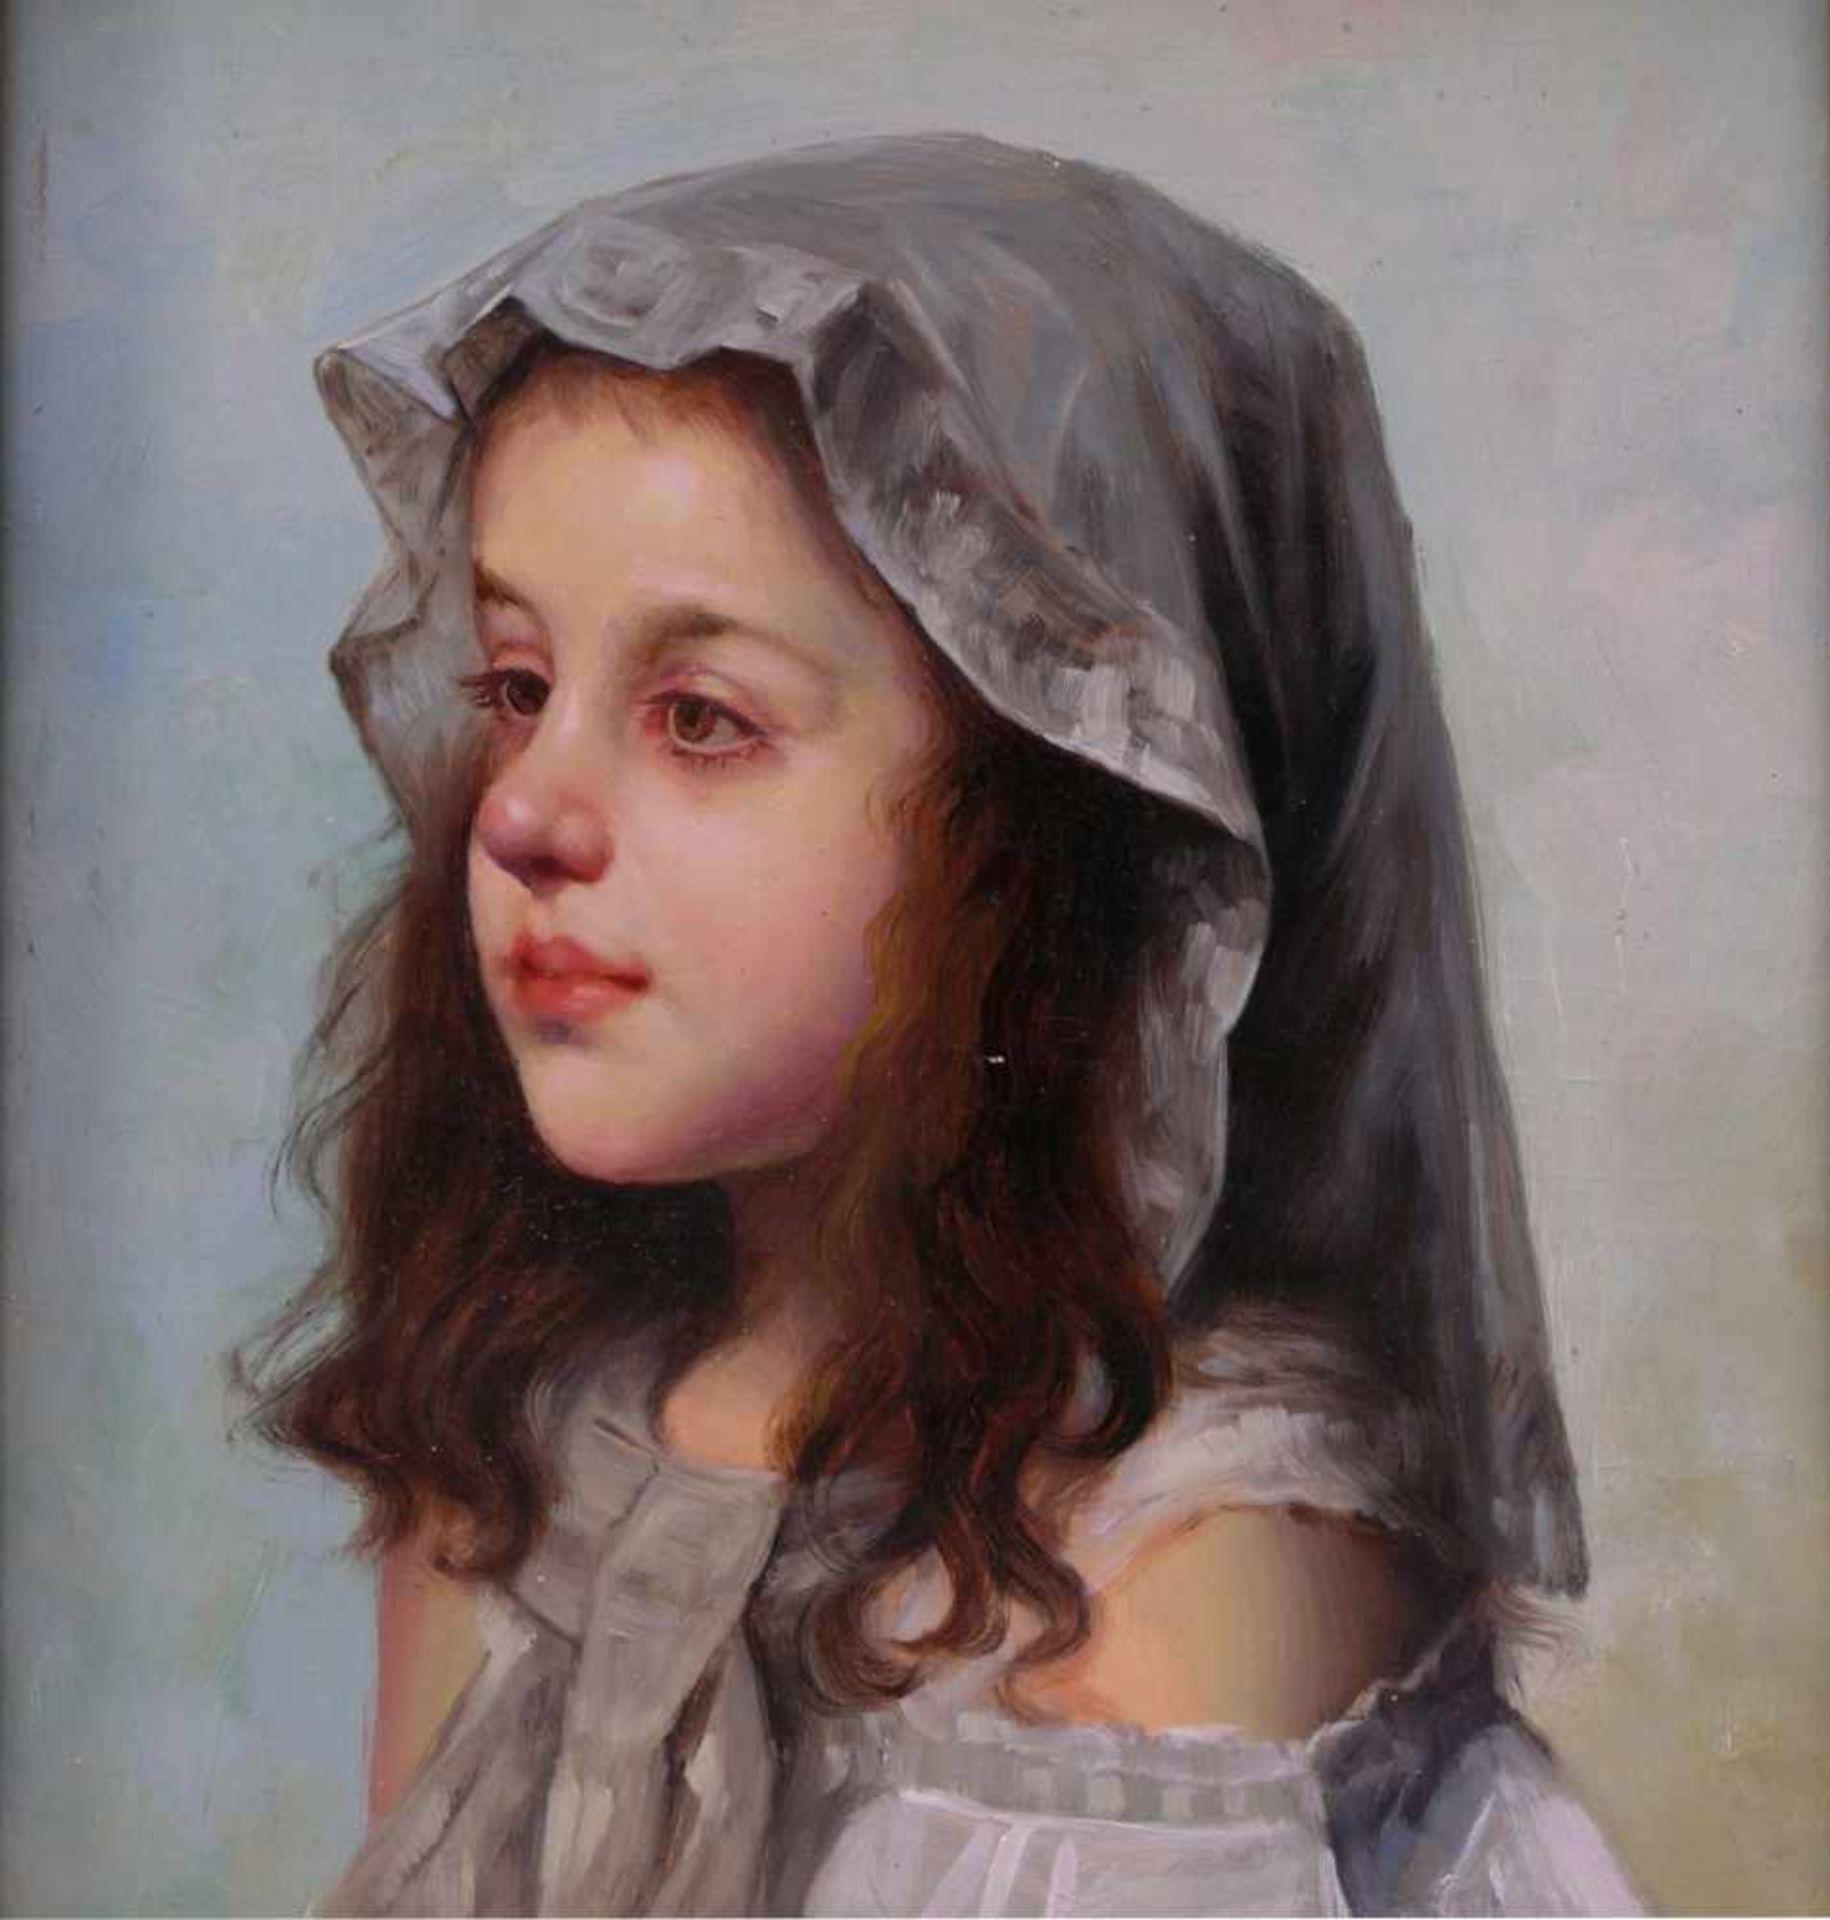 Rossi, Alberto (1858-1936) - Portrait enes jungen MädchensFein und detailreich ausgeführtes - Bild 2 aus 6